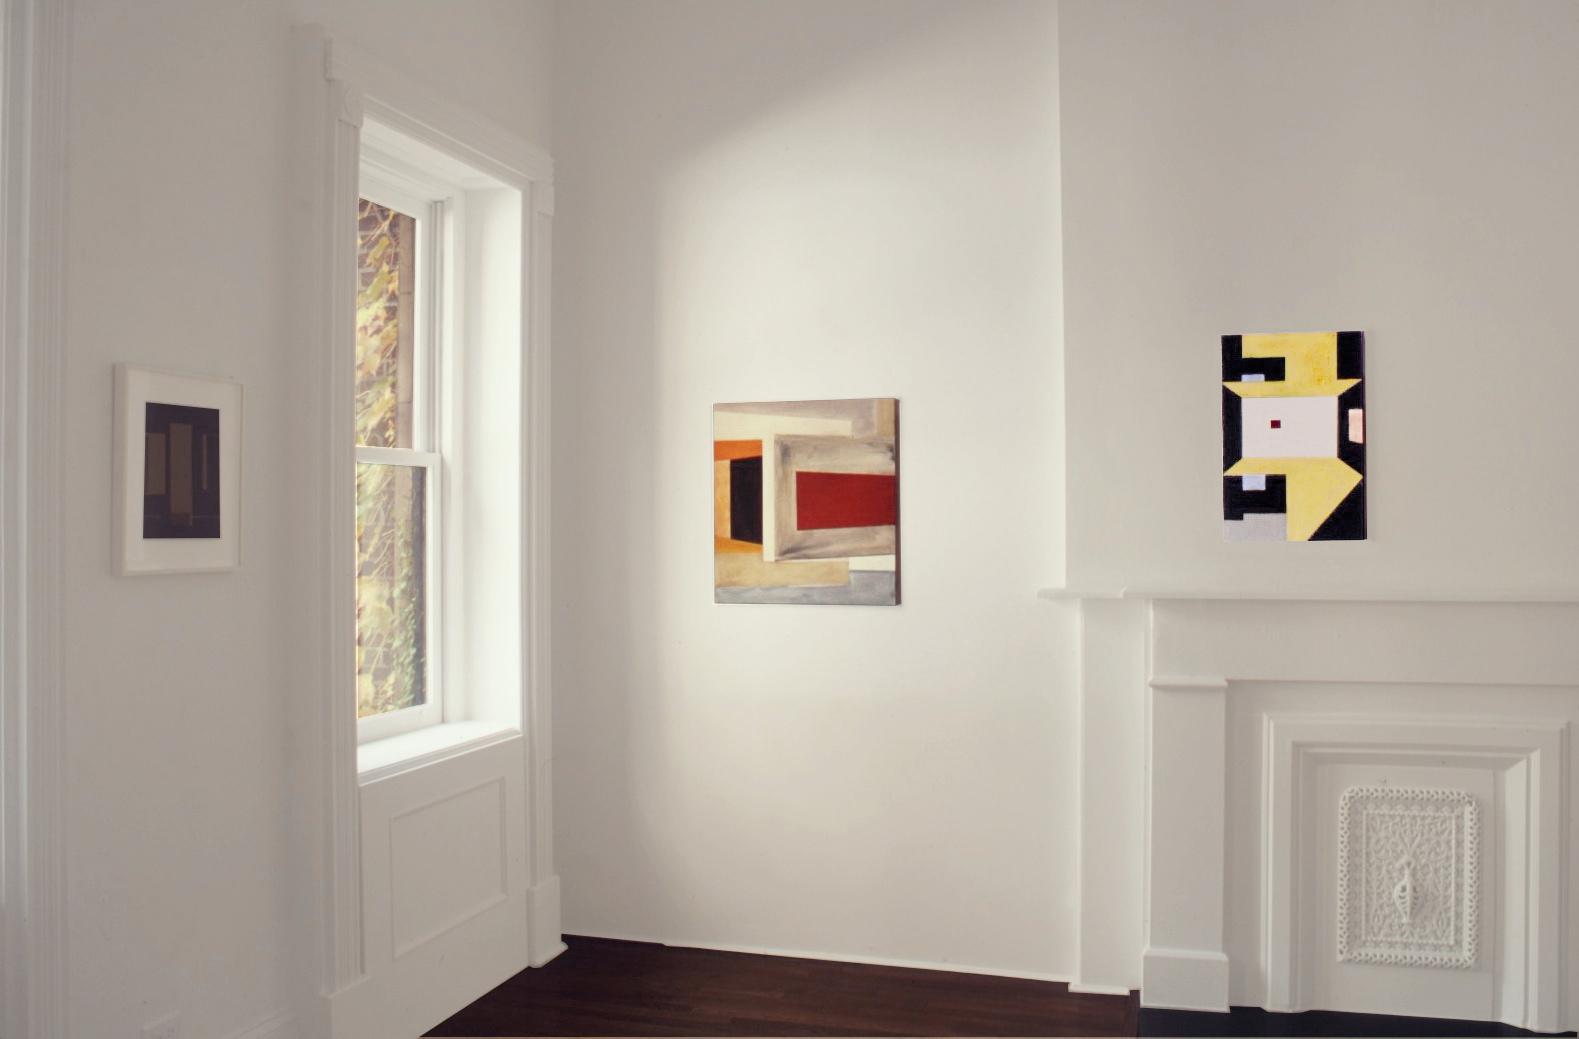 Ernst Caramelle at Lawrence Markey 2000 5.jpeg